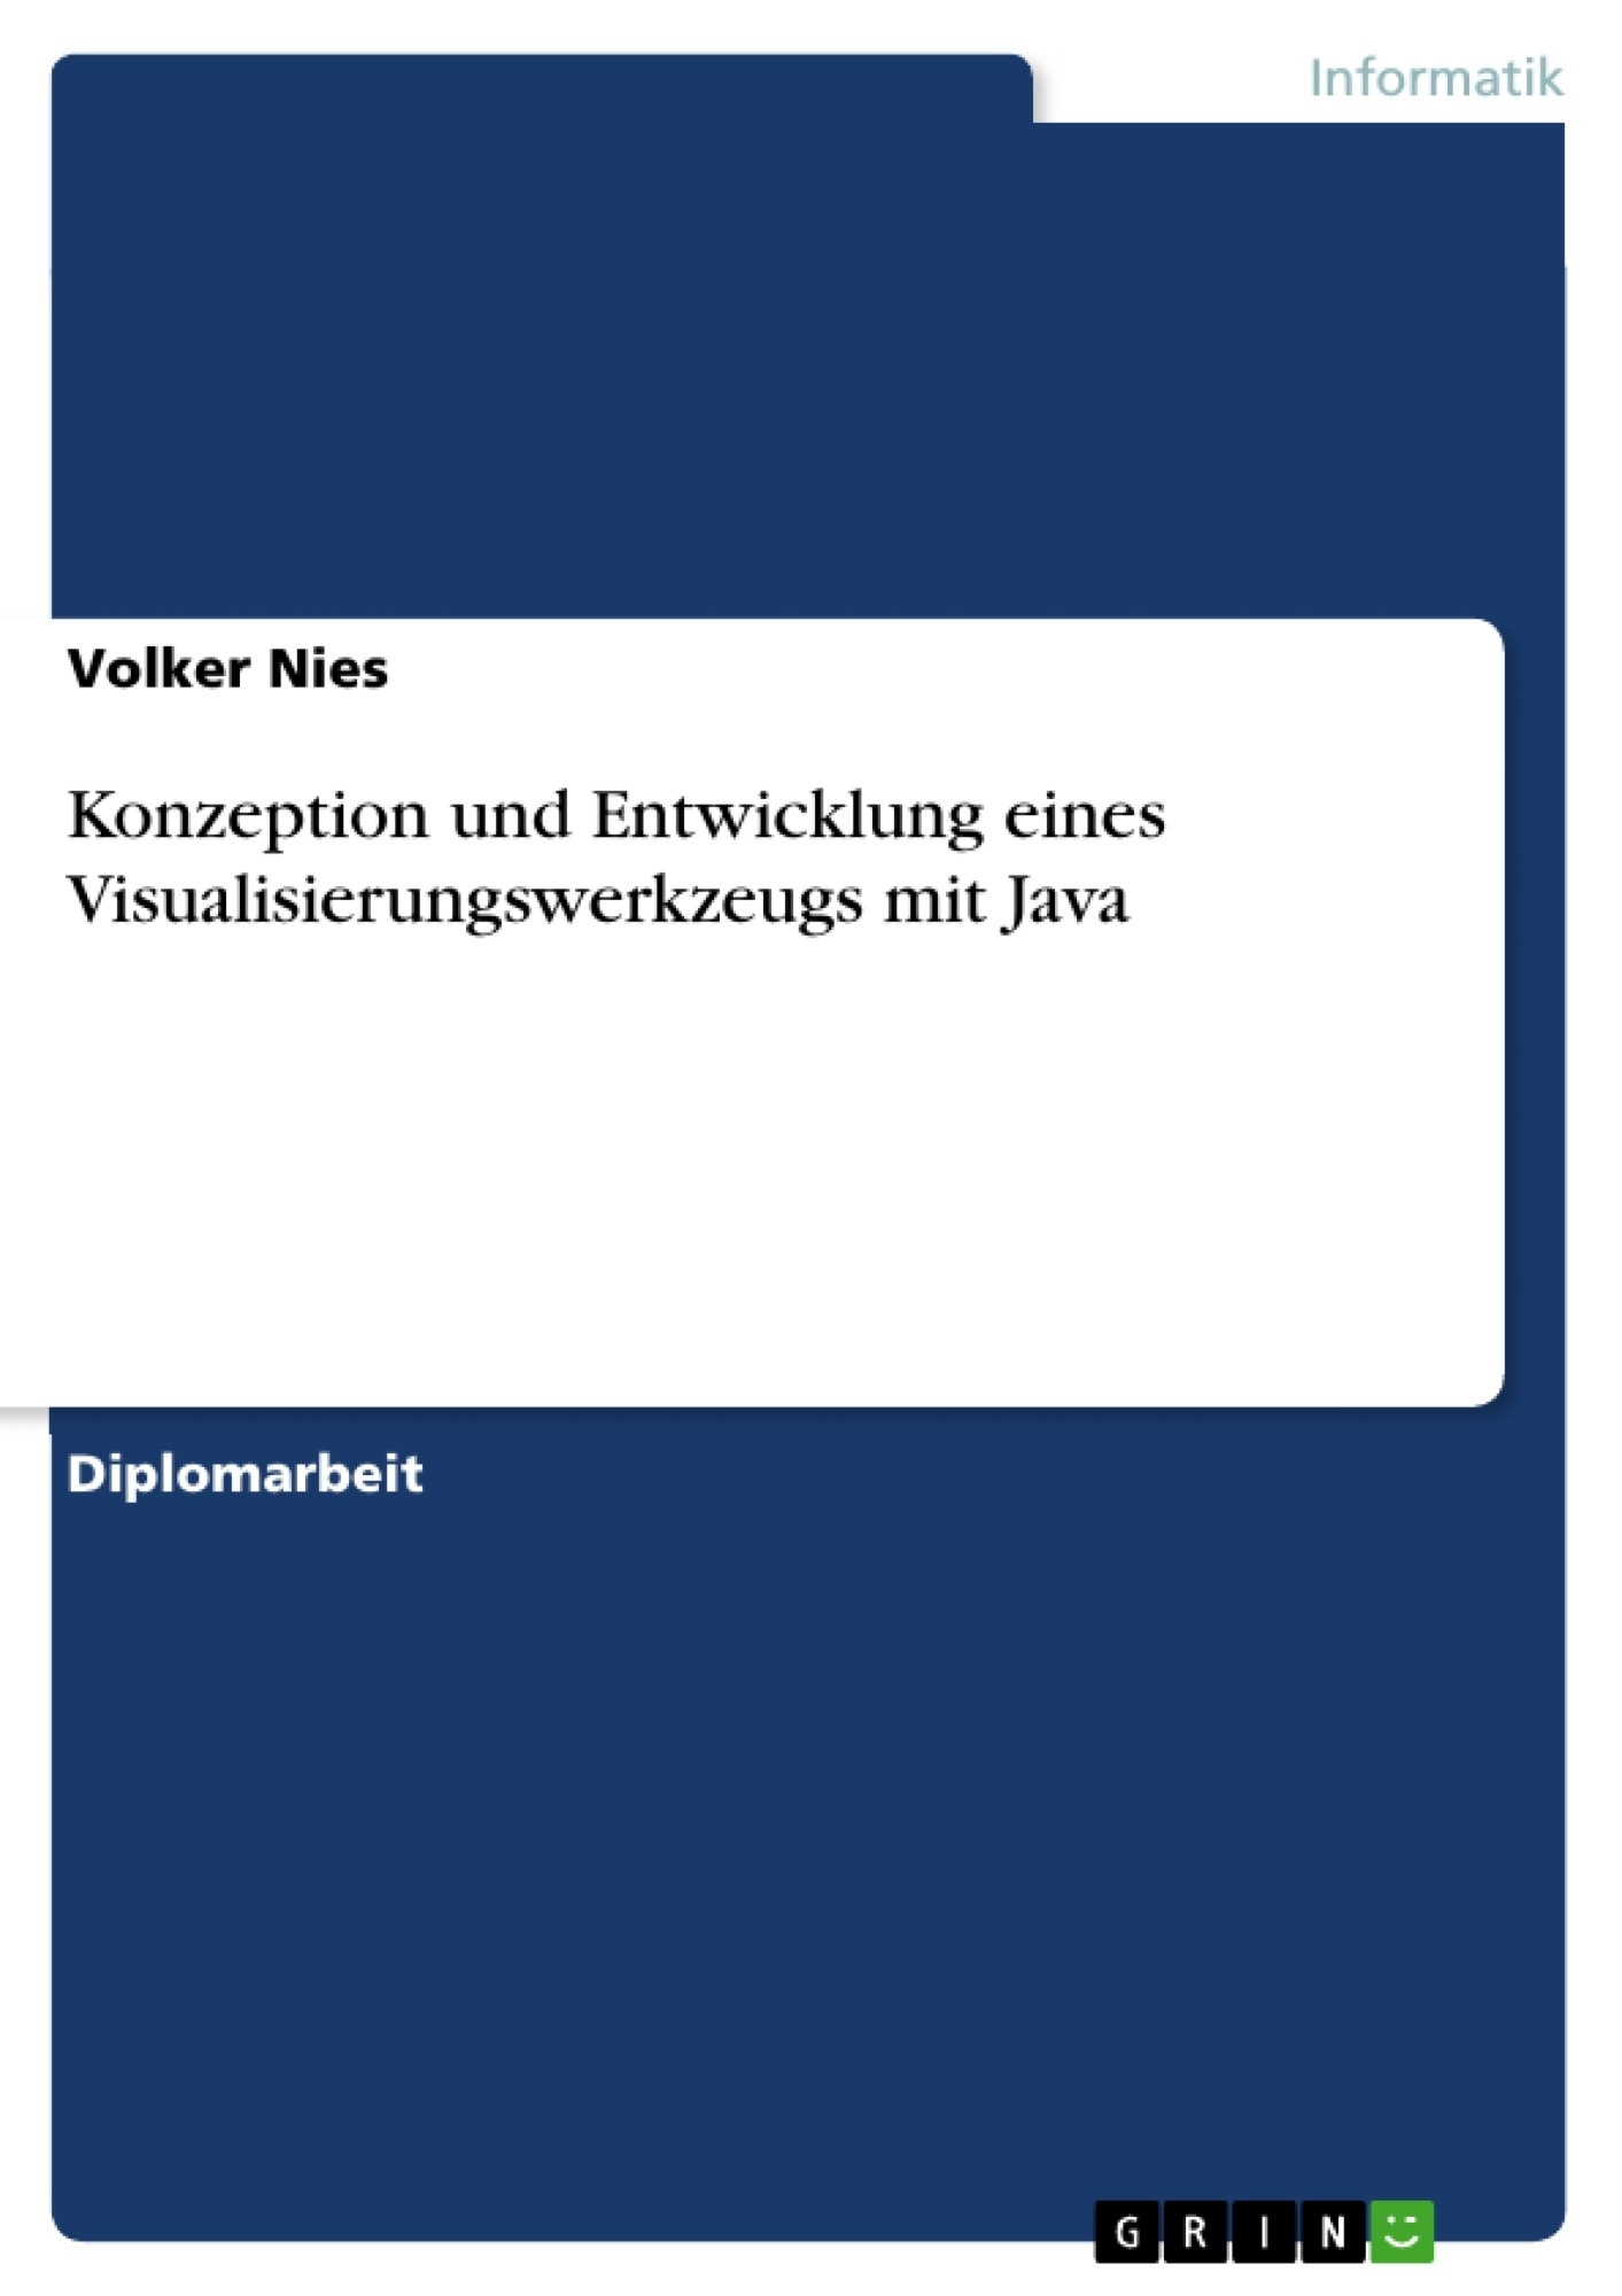 Konzeption und Entwicklung eines Visualisierungswerkzeugs mit Java ...